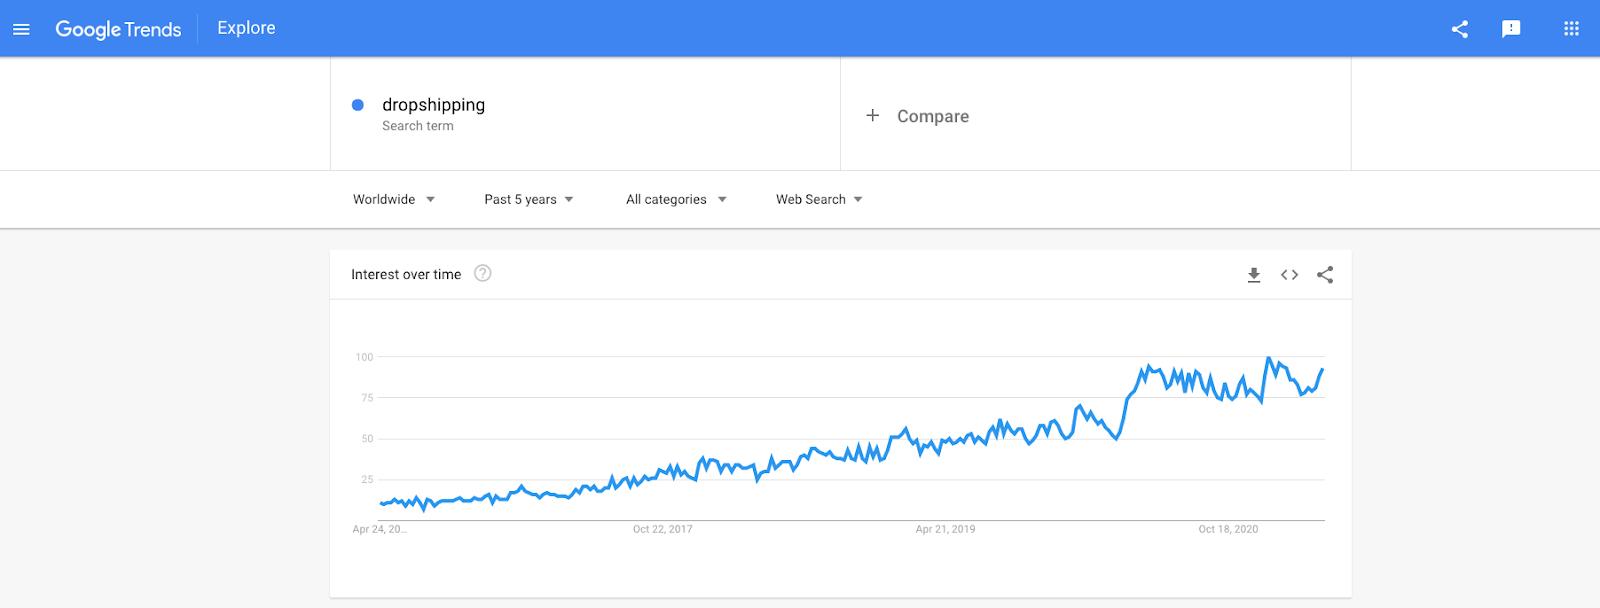 start a dropshipping business - chart